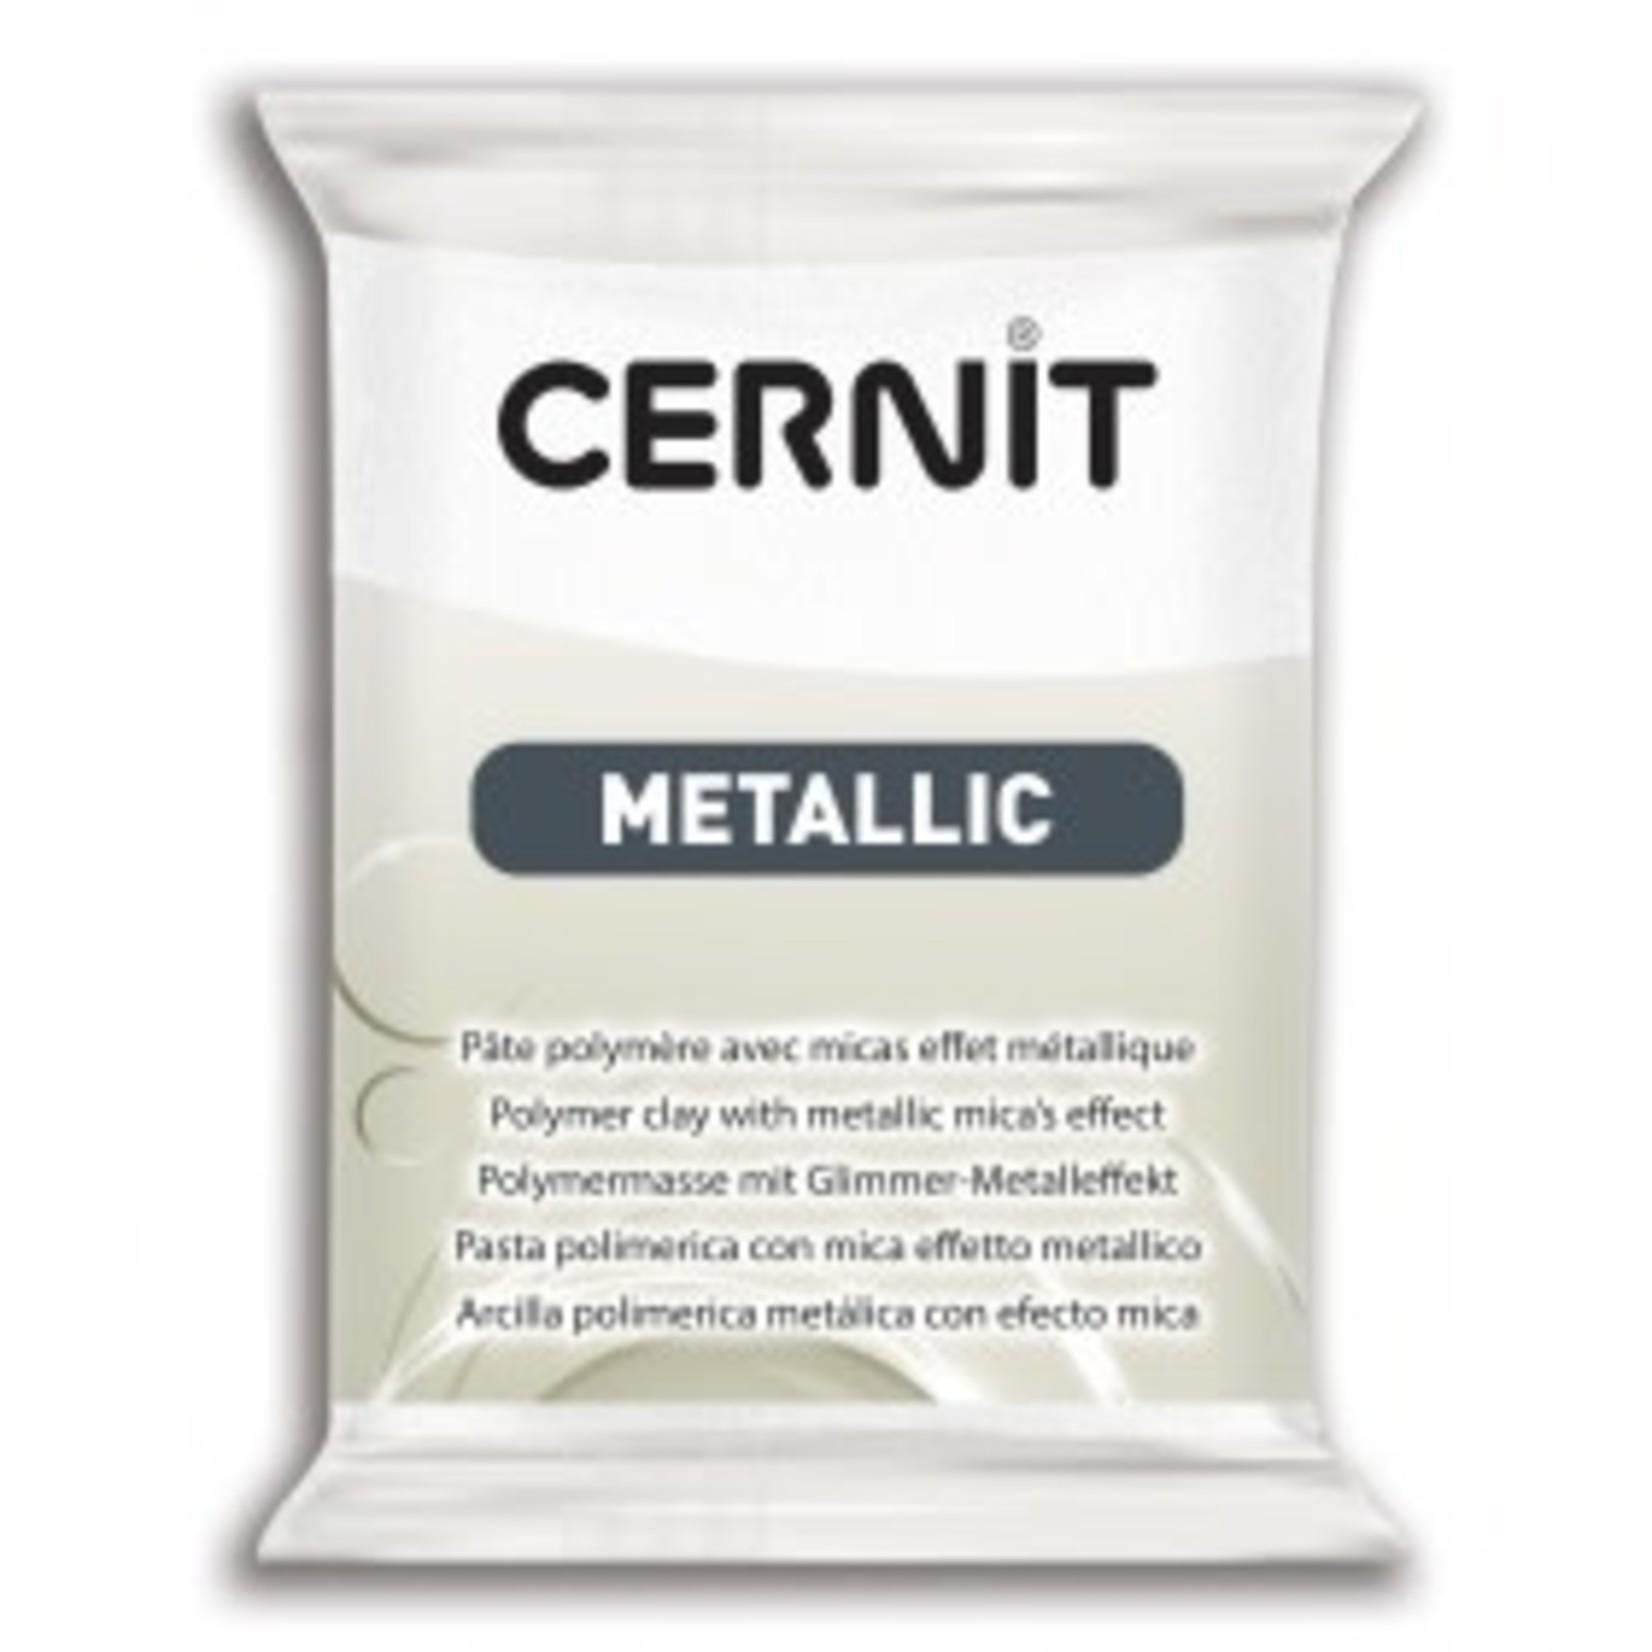 Cernit Cernit Metallic 56g Pearl White